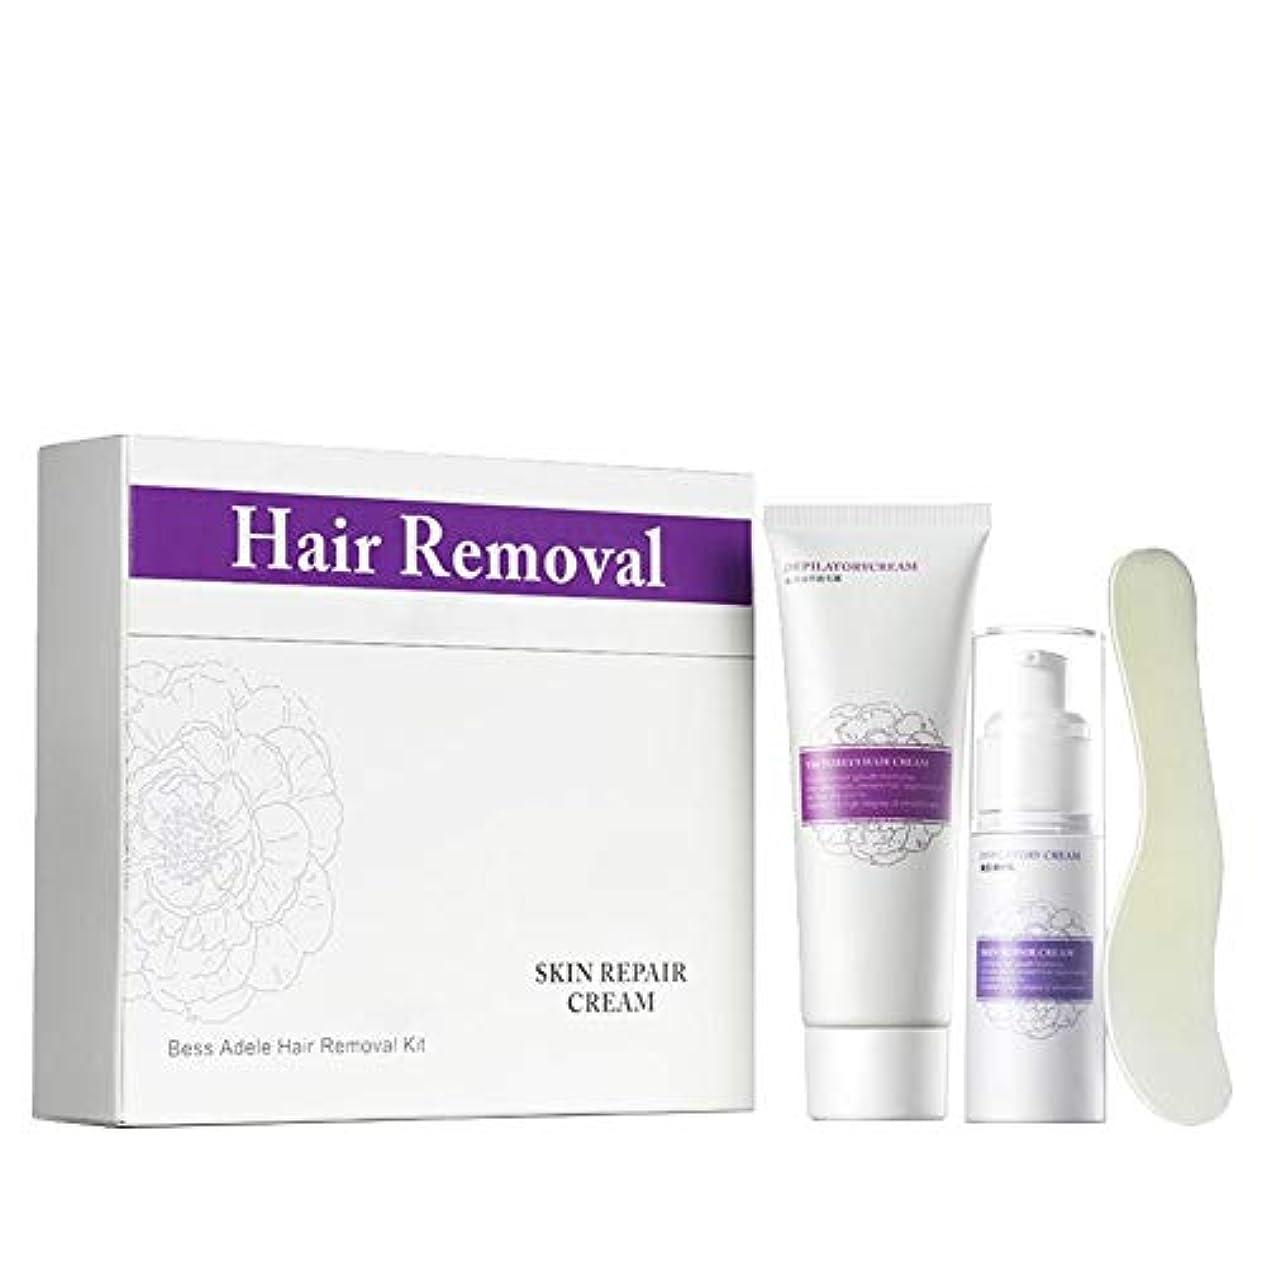 撃退する傀儡染色除毛クリーム 修復用ミルクスクレーパー優しい脱毛は肌を傷つけません、ファースト&シンプル、肌の潤いを和らげ、保ちます